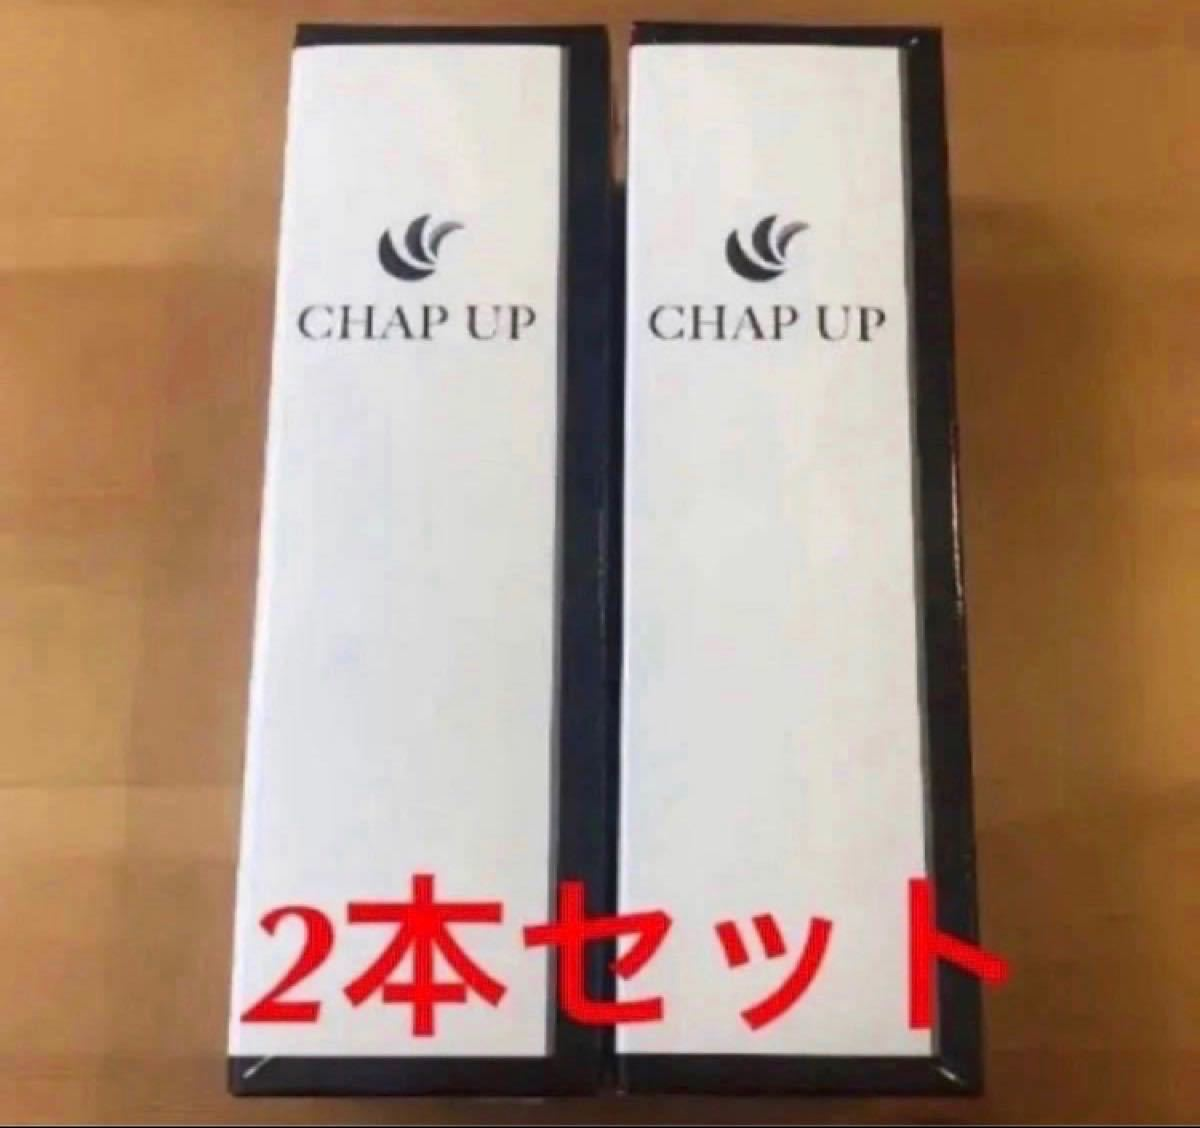 薬用 チャップアップ CHAPUP 育毛ローション 120ml 2本